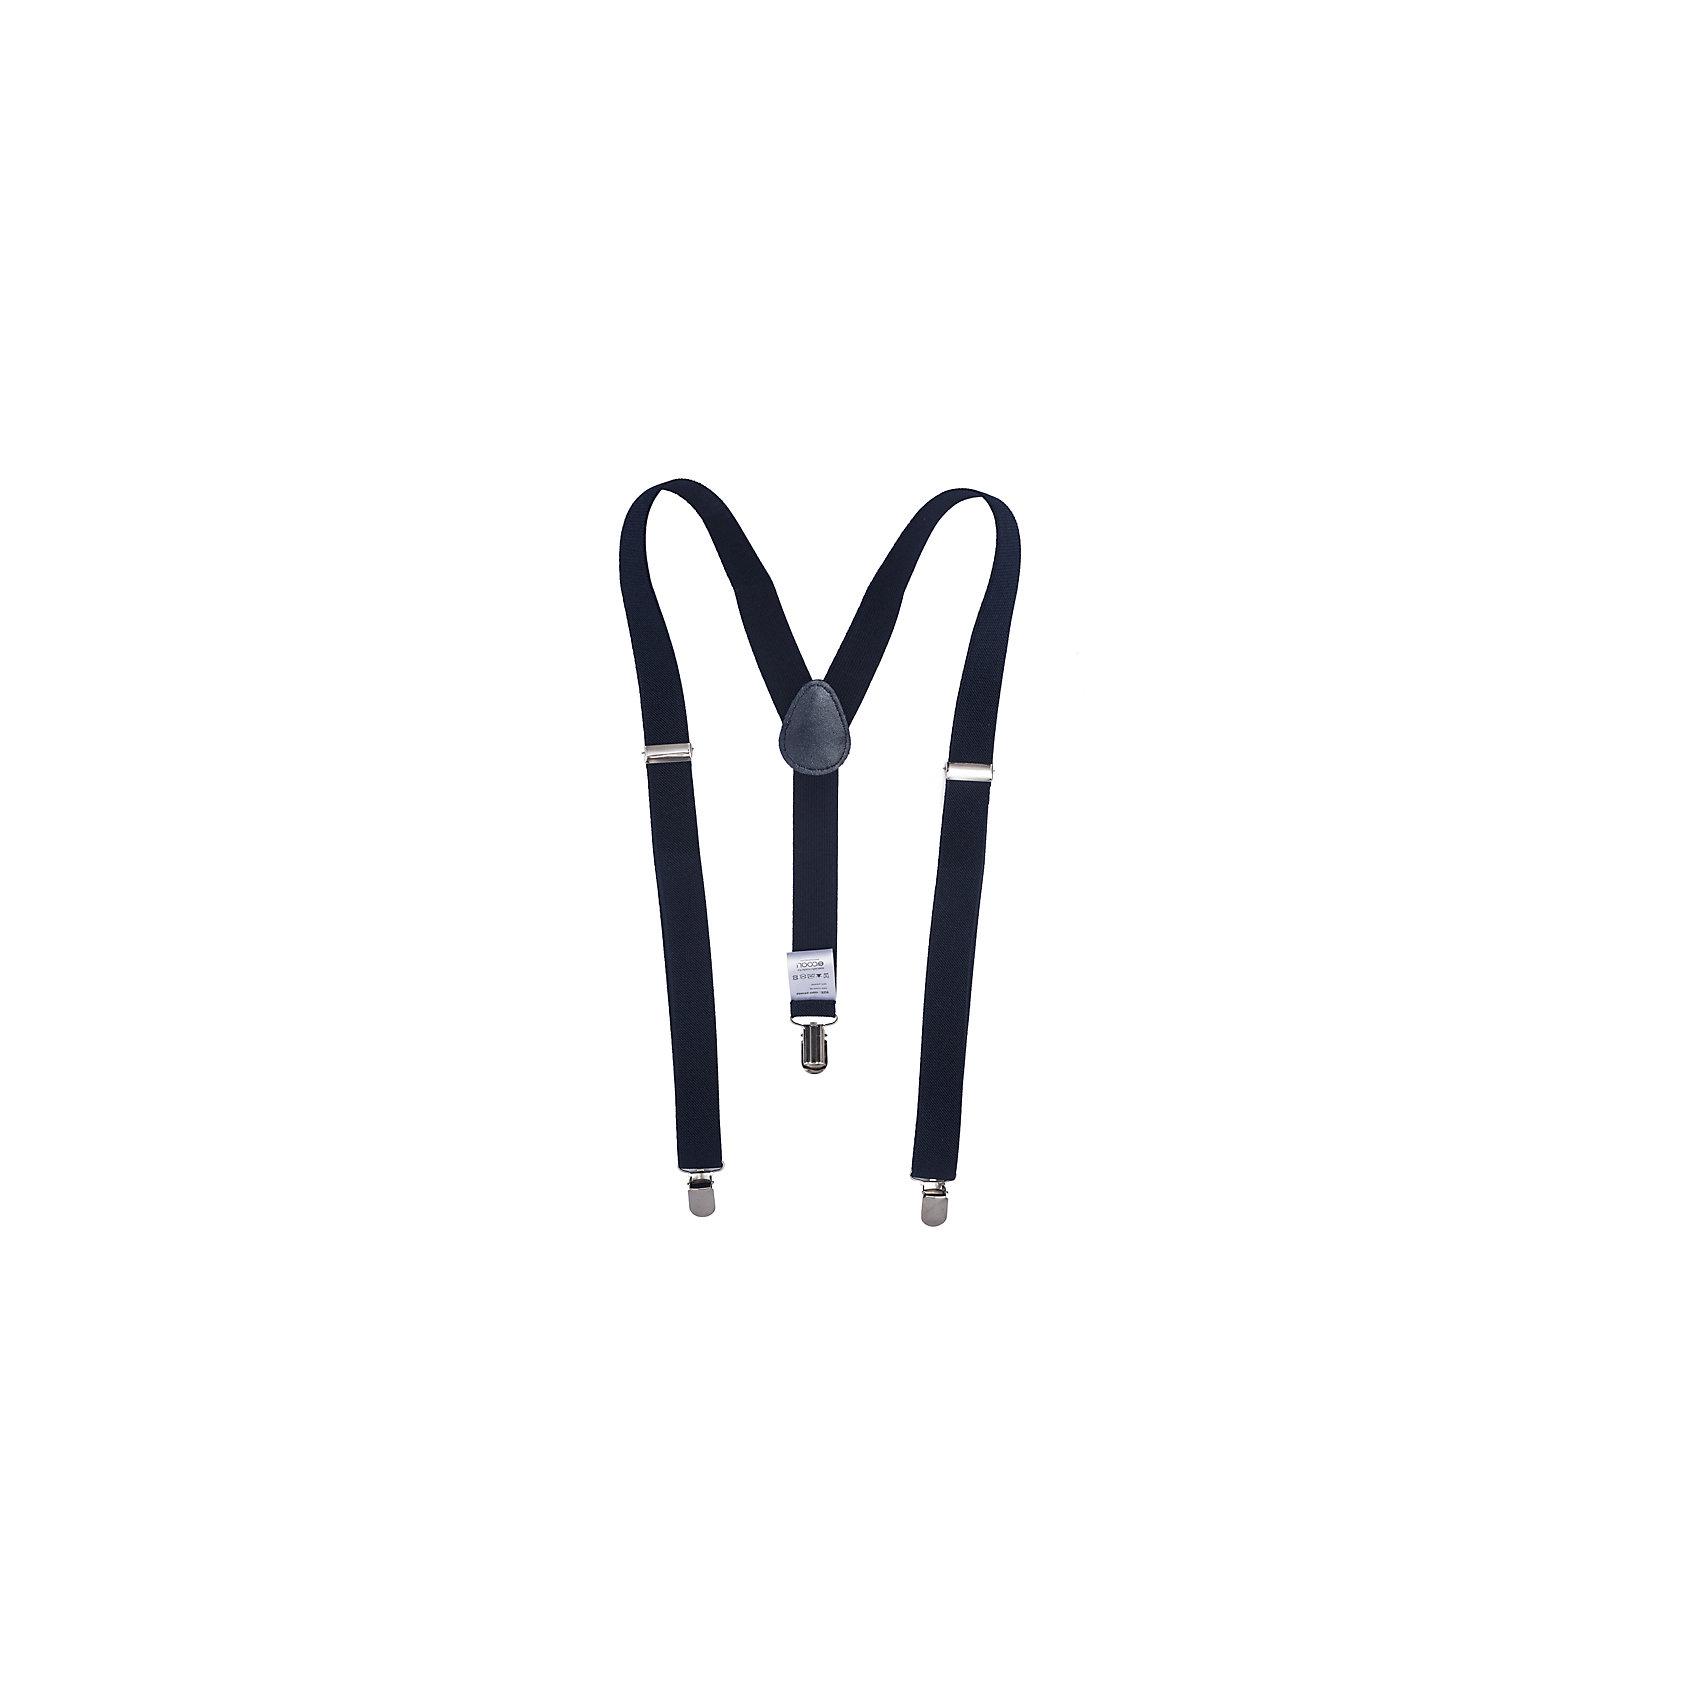 Подтяжки для мальчика ScoolАксессуары<br>Подтяжки для мальчика Scool<br>Подтяжки - незаменимая вещь в детском гардеробе. Удобные застежки - клипсы хорошо фиксируют подтяжки на одежде. Модель с регулируемыми бретелями.<br>Состав:<br>100% полиэстер<br><br>Ширина мм: 170<br>Глубина мм: 157<br>Высота мм: 67<br>Вес г: 117<br>Цвет: синий<br>Возраст от месяцев: 60<br>Возраст до месяцев: 132<br>Пол: Мужской<br>Возраст: Детский<br>Размер: one size<br>SKU: 6754551